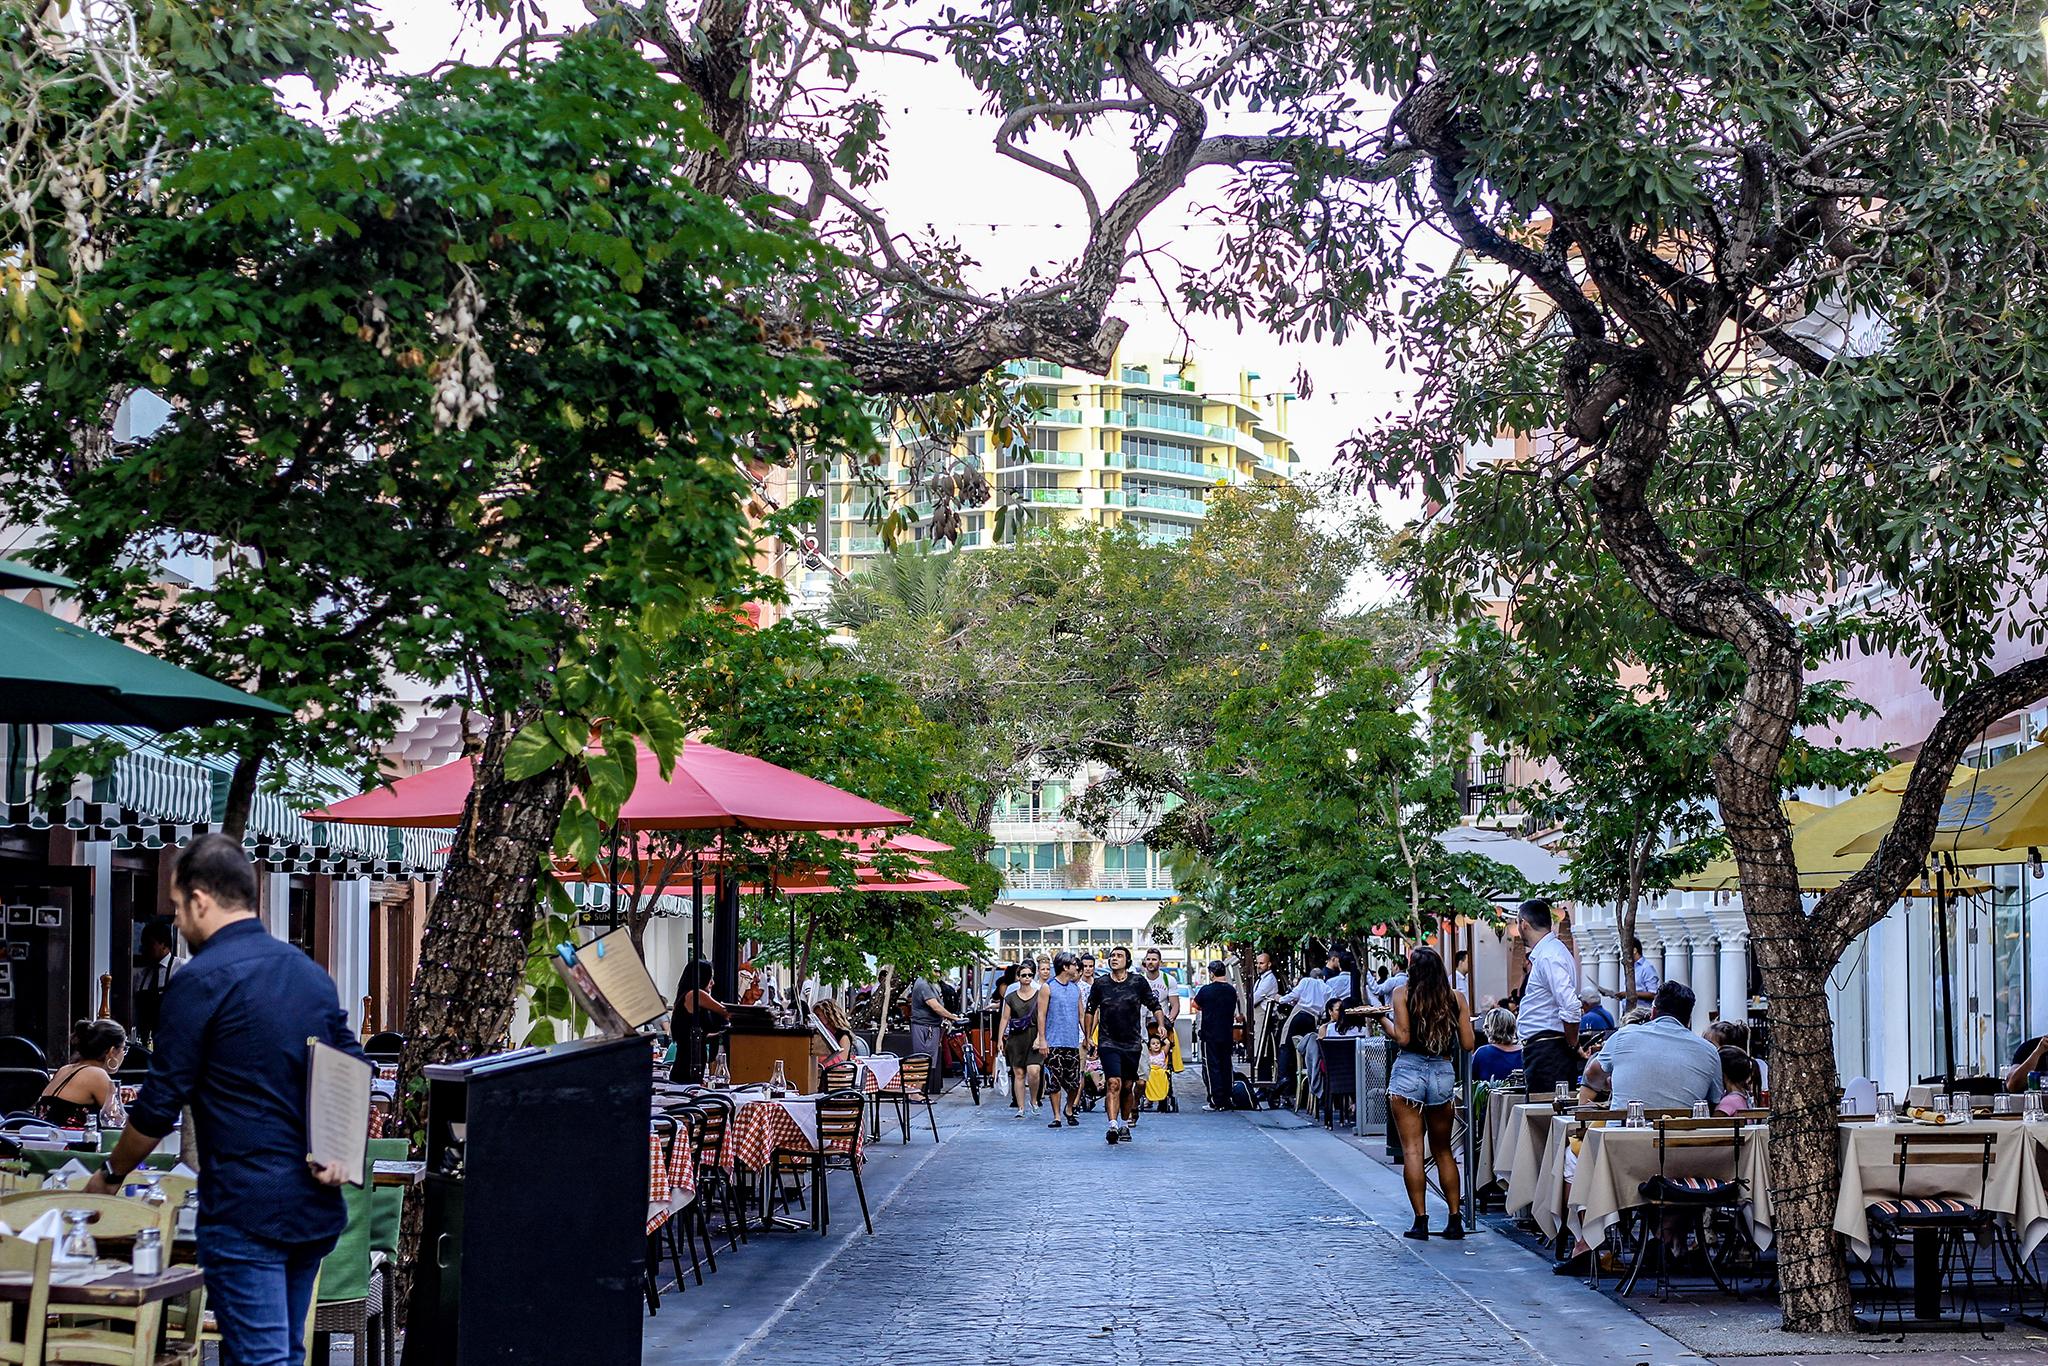 Las 15 cosas que debes hacer en Miami Beach